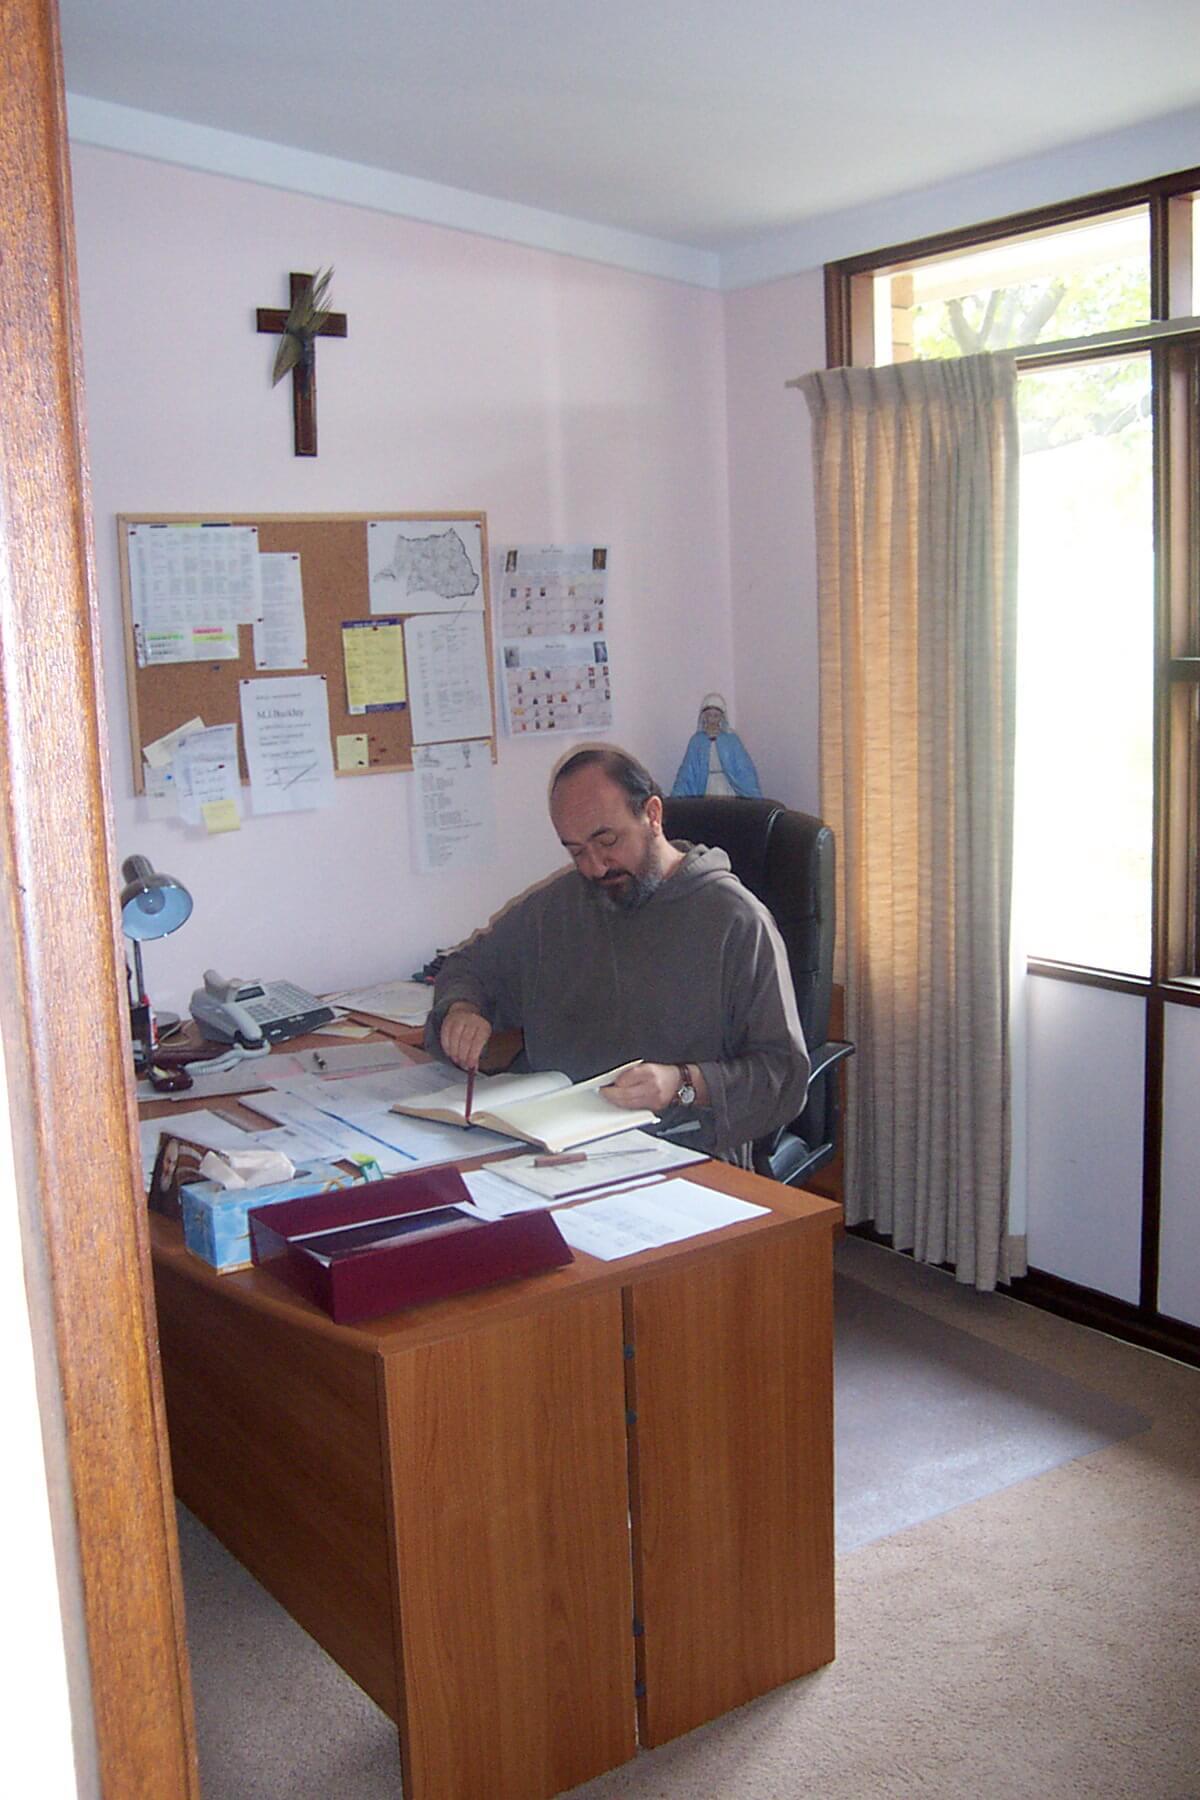 Fr C at desk